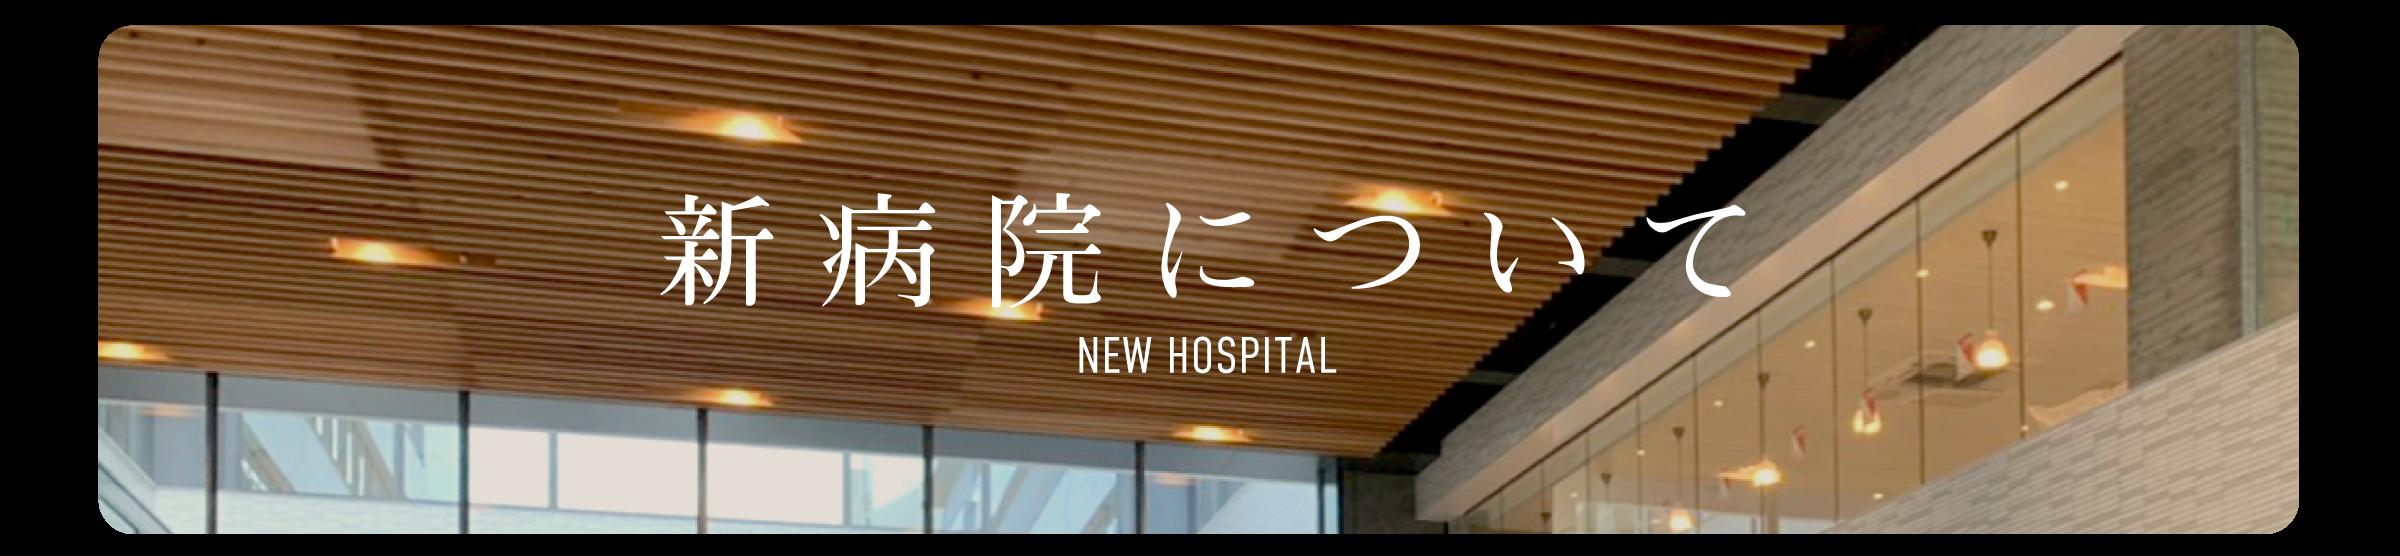 新病院について